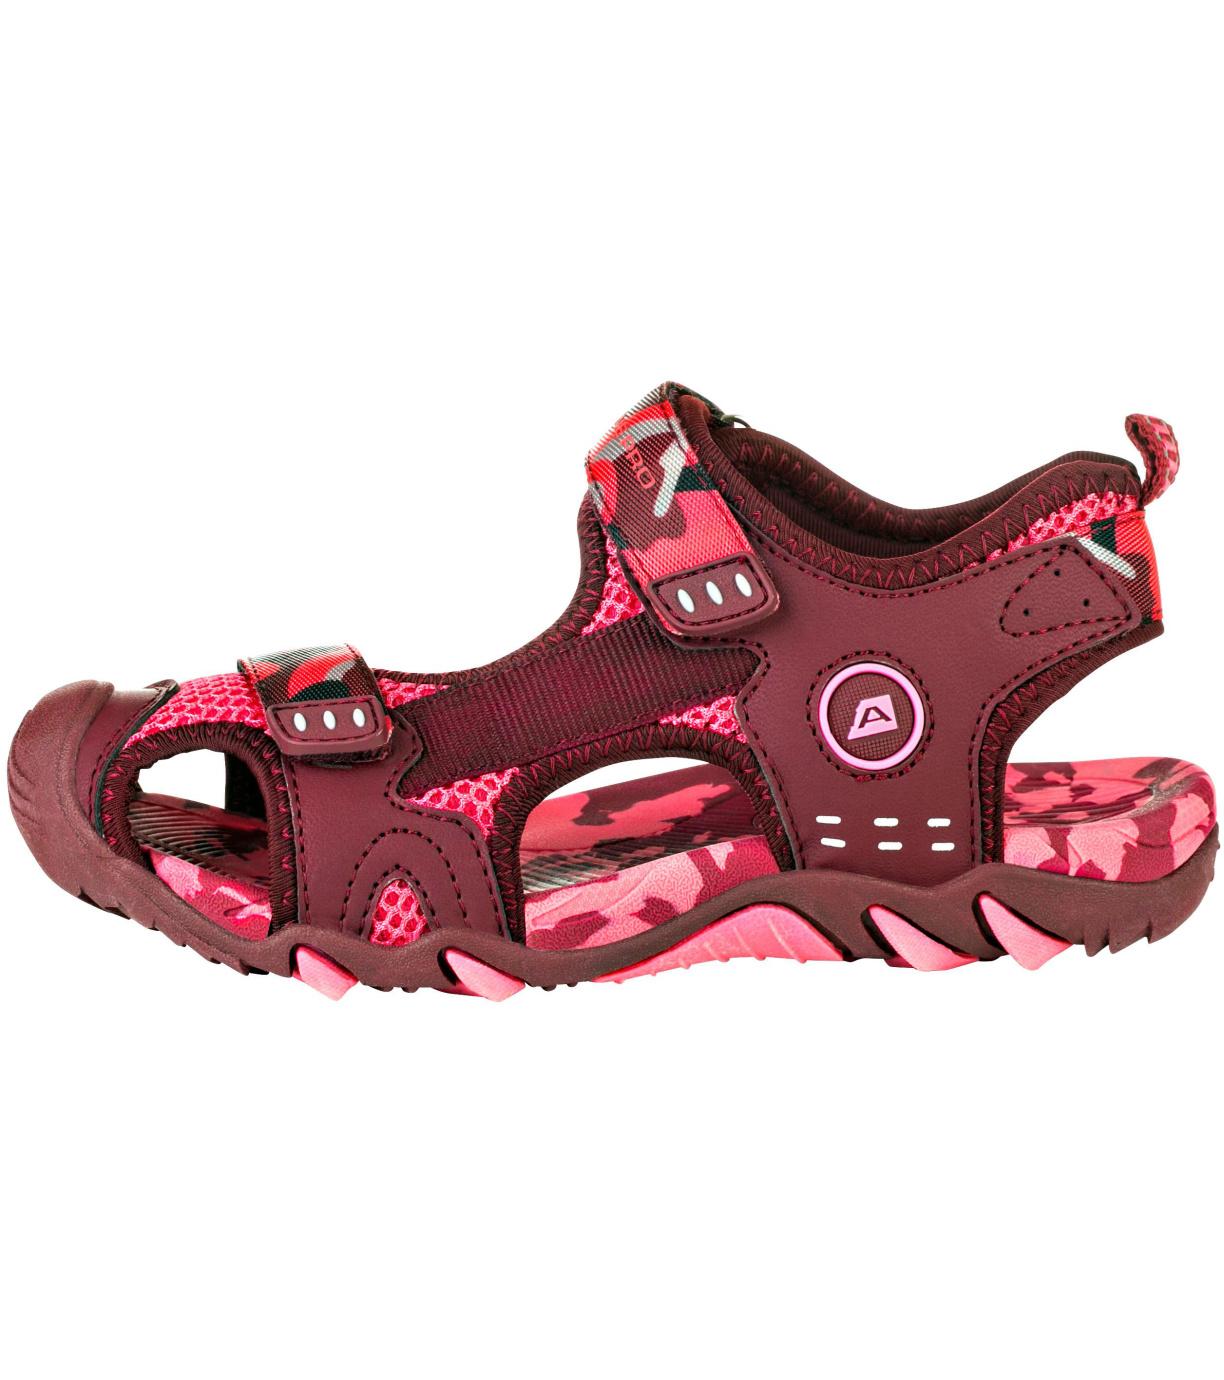 ALPINE PRO DRUSSILO Dětské sandály KBTR222419 camellia rose 32